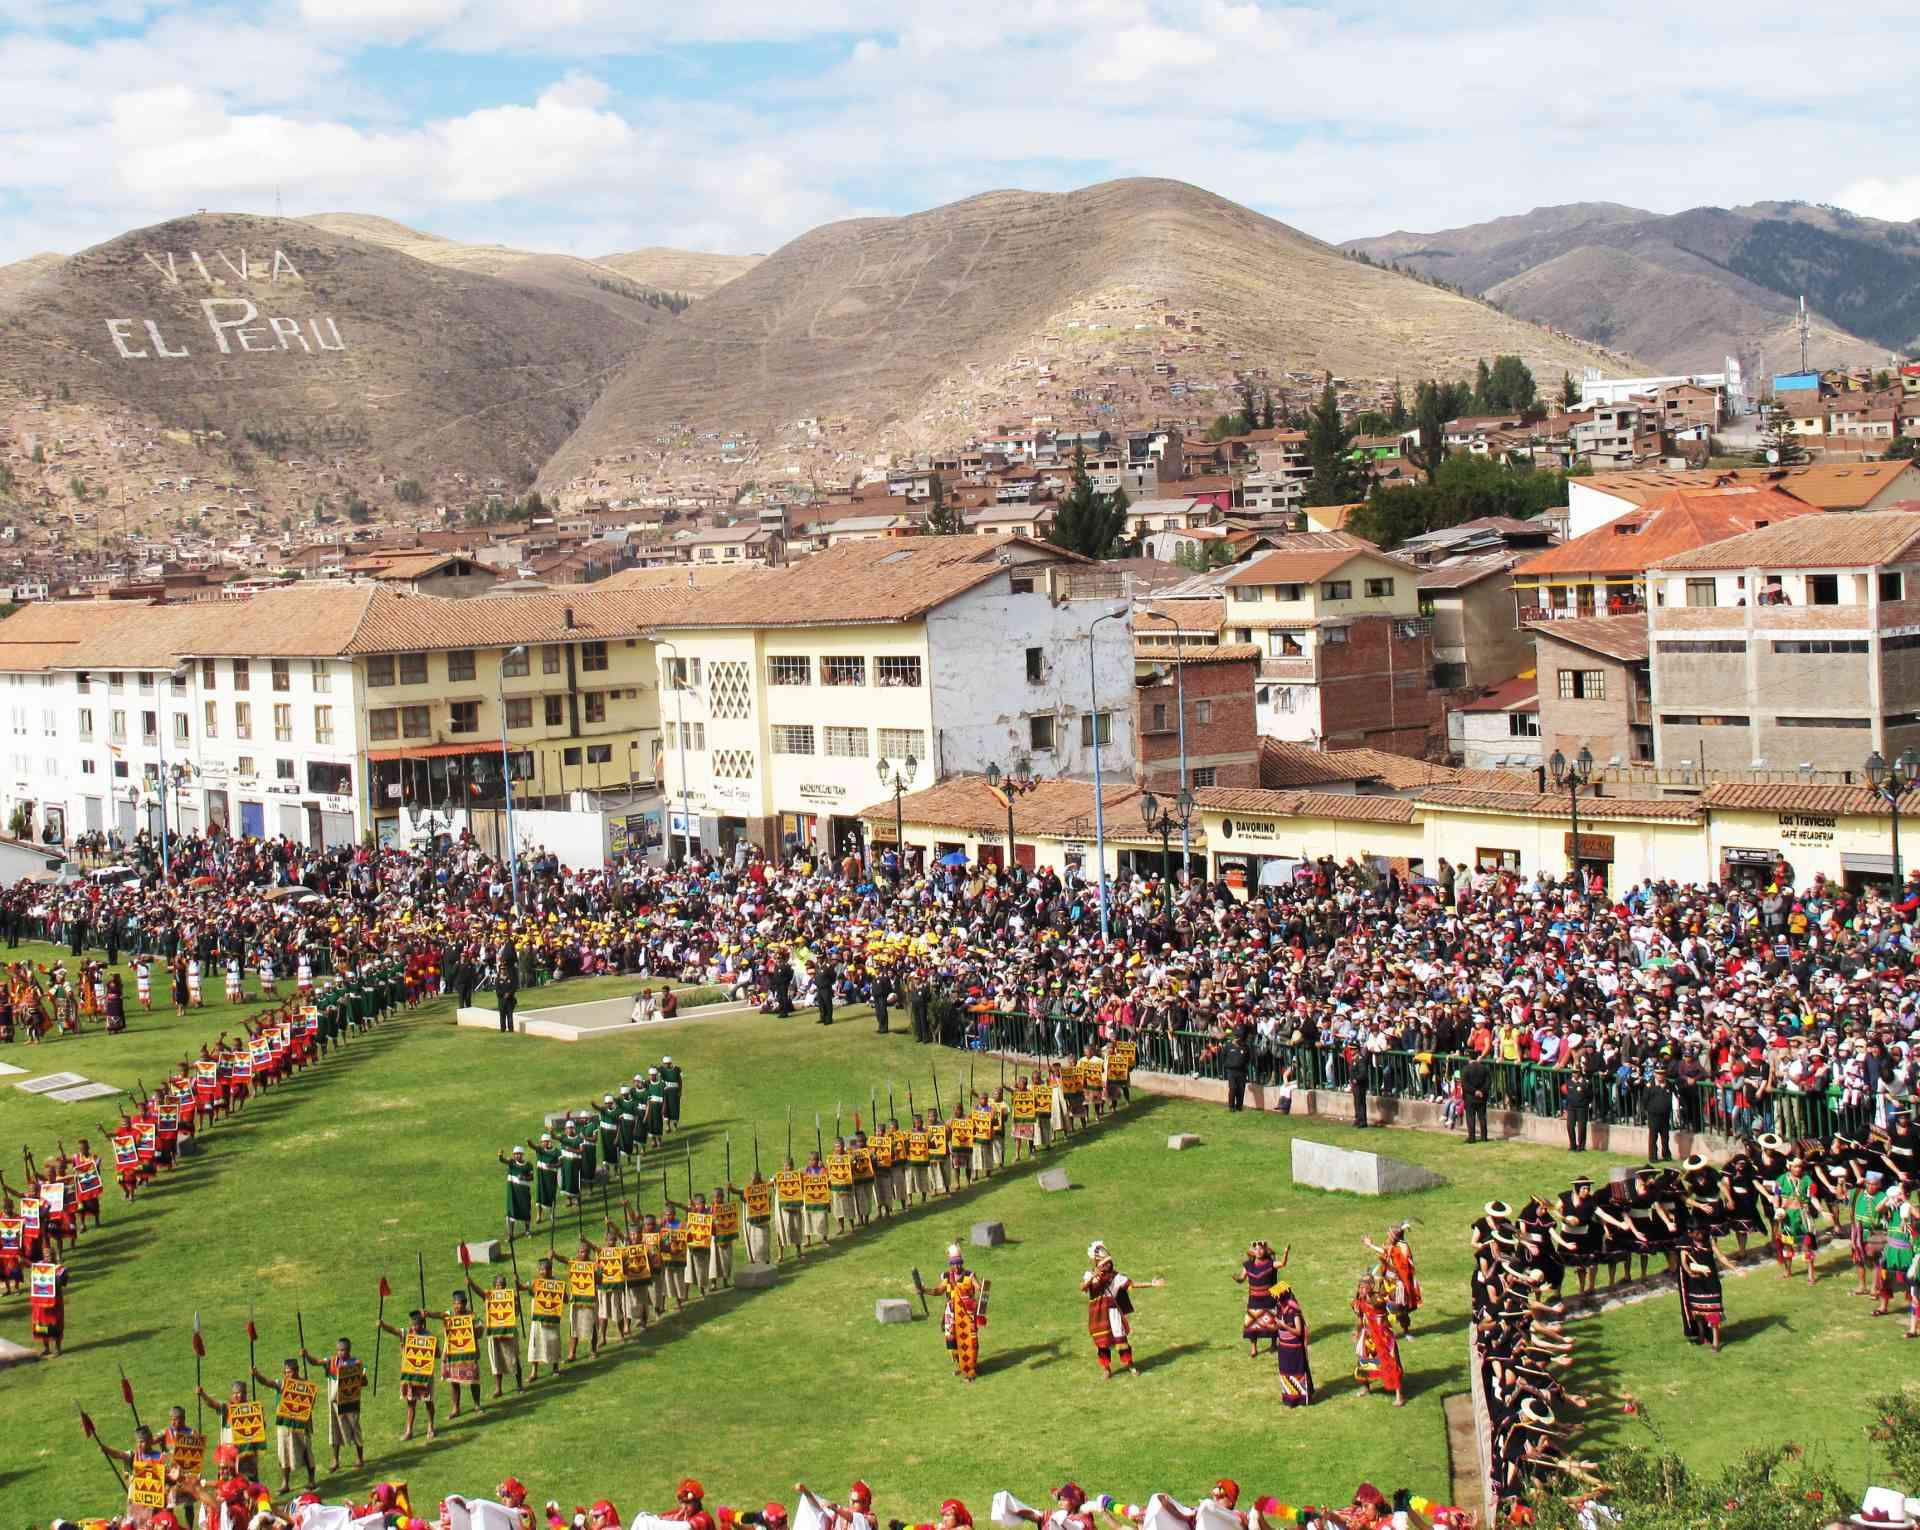 Raymi Festival, Cusco, Peru by Michelle Blair